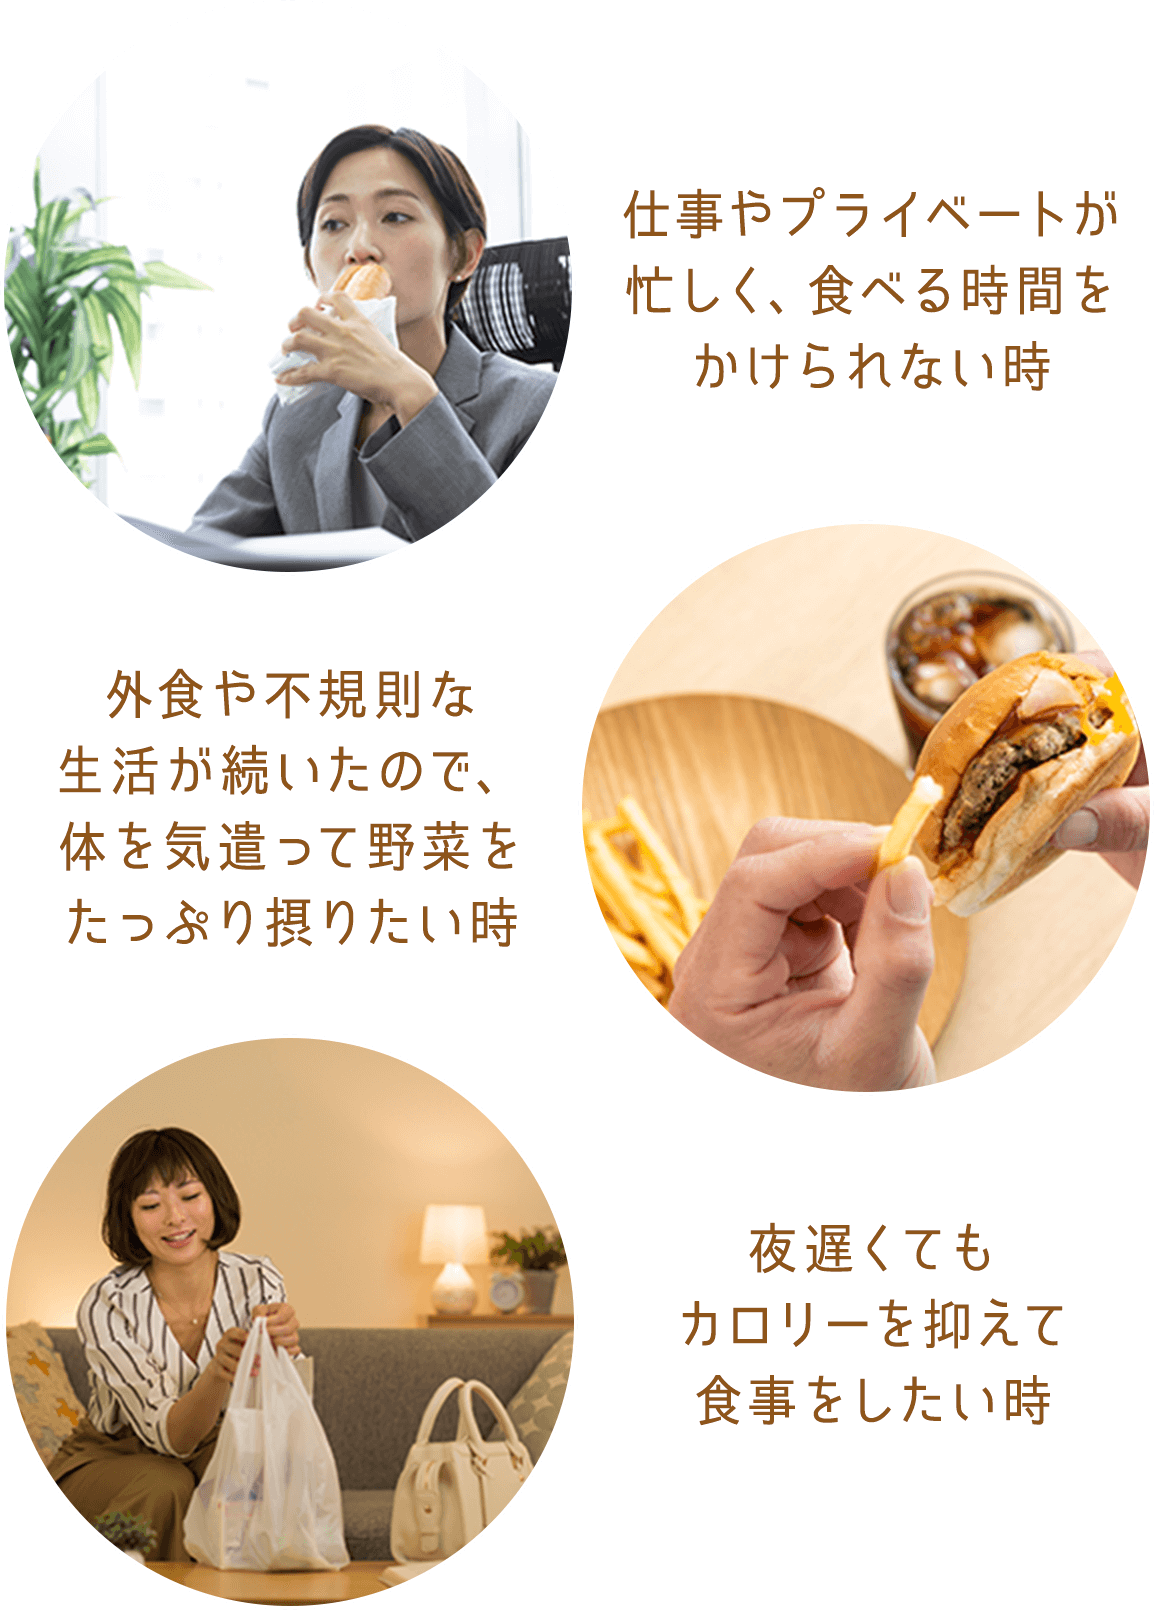 仕事やプライベートが忙しく、食べる時間をかけられない時, 外食や不規則な生活が続いたので、体を気遣って野菜たっぷり摂りたい時, 夜遅くてもカロリーを抑えて食事をしたい時